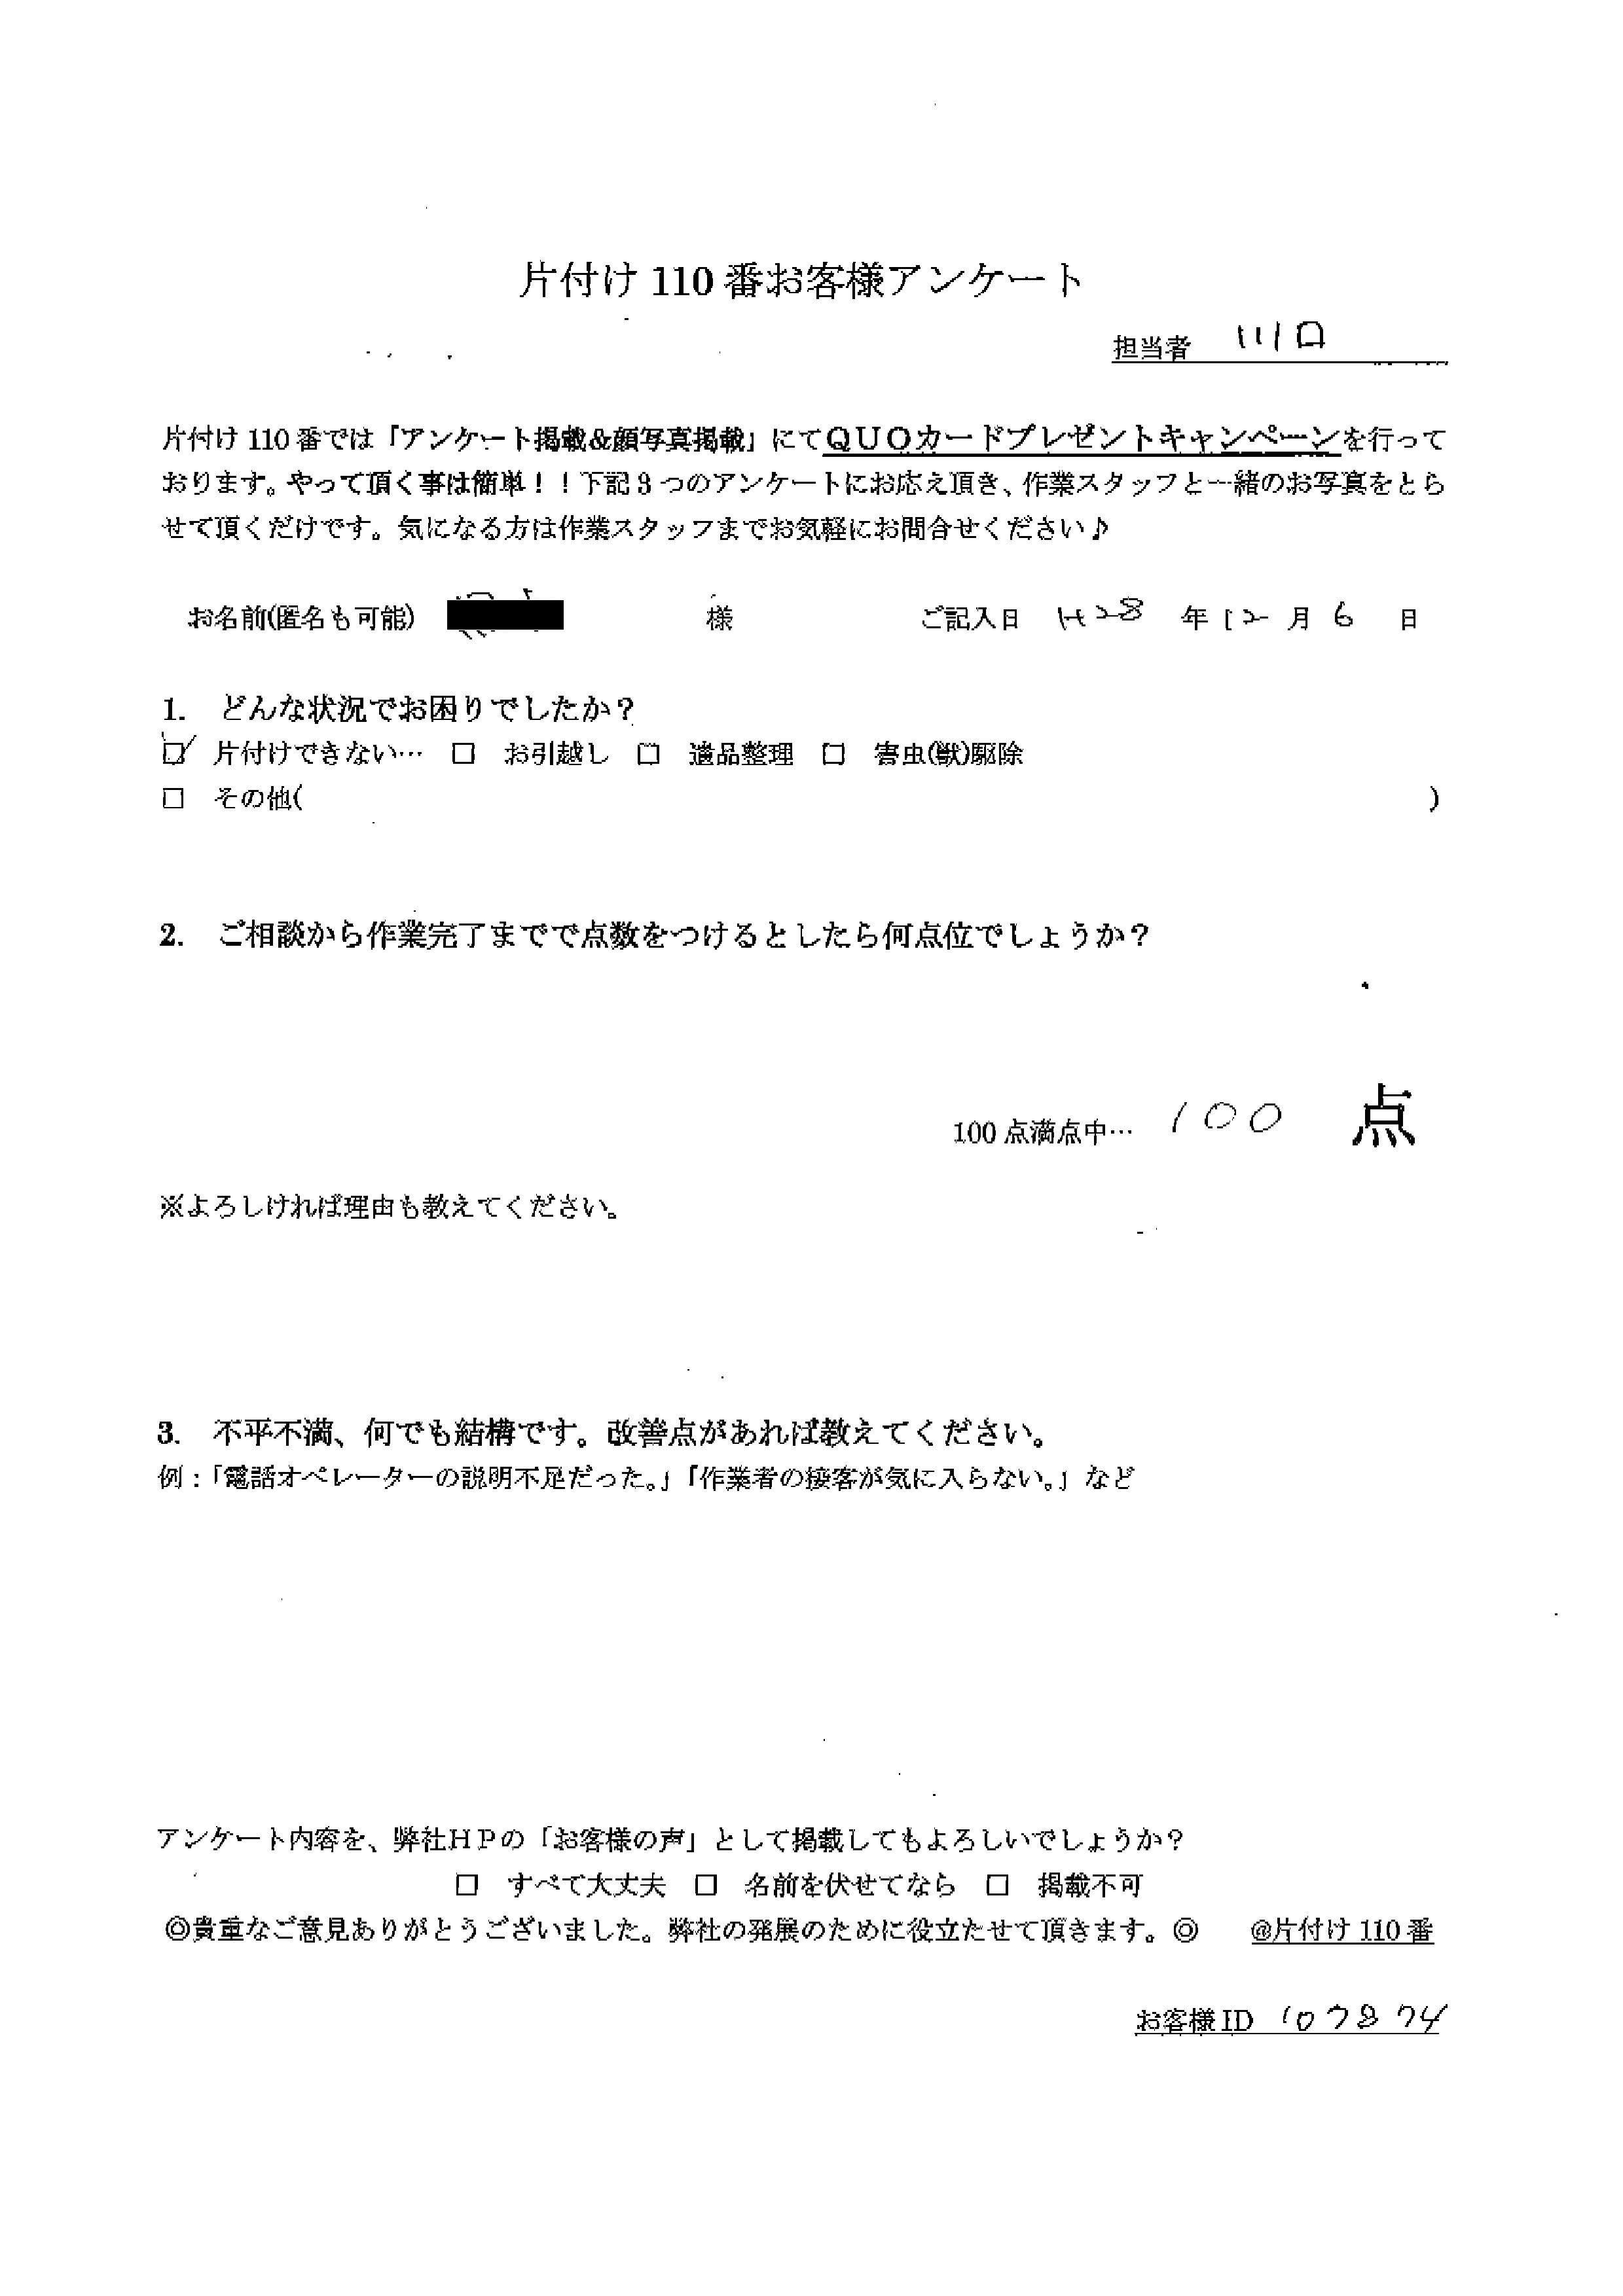 【神戸市東灘区】仏壇回収のご依頼 お客様の声